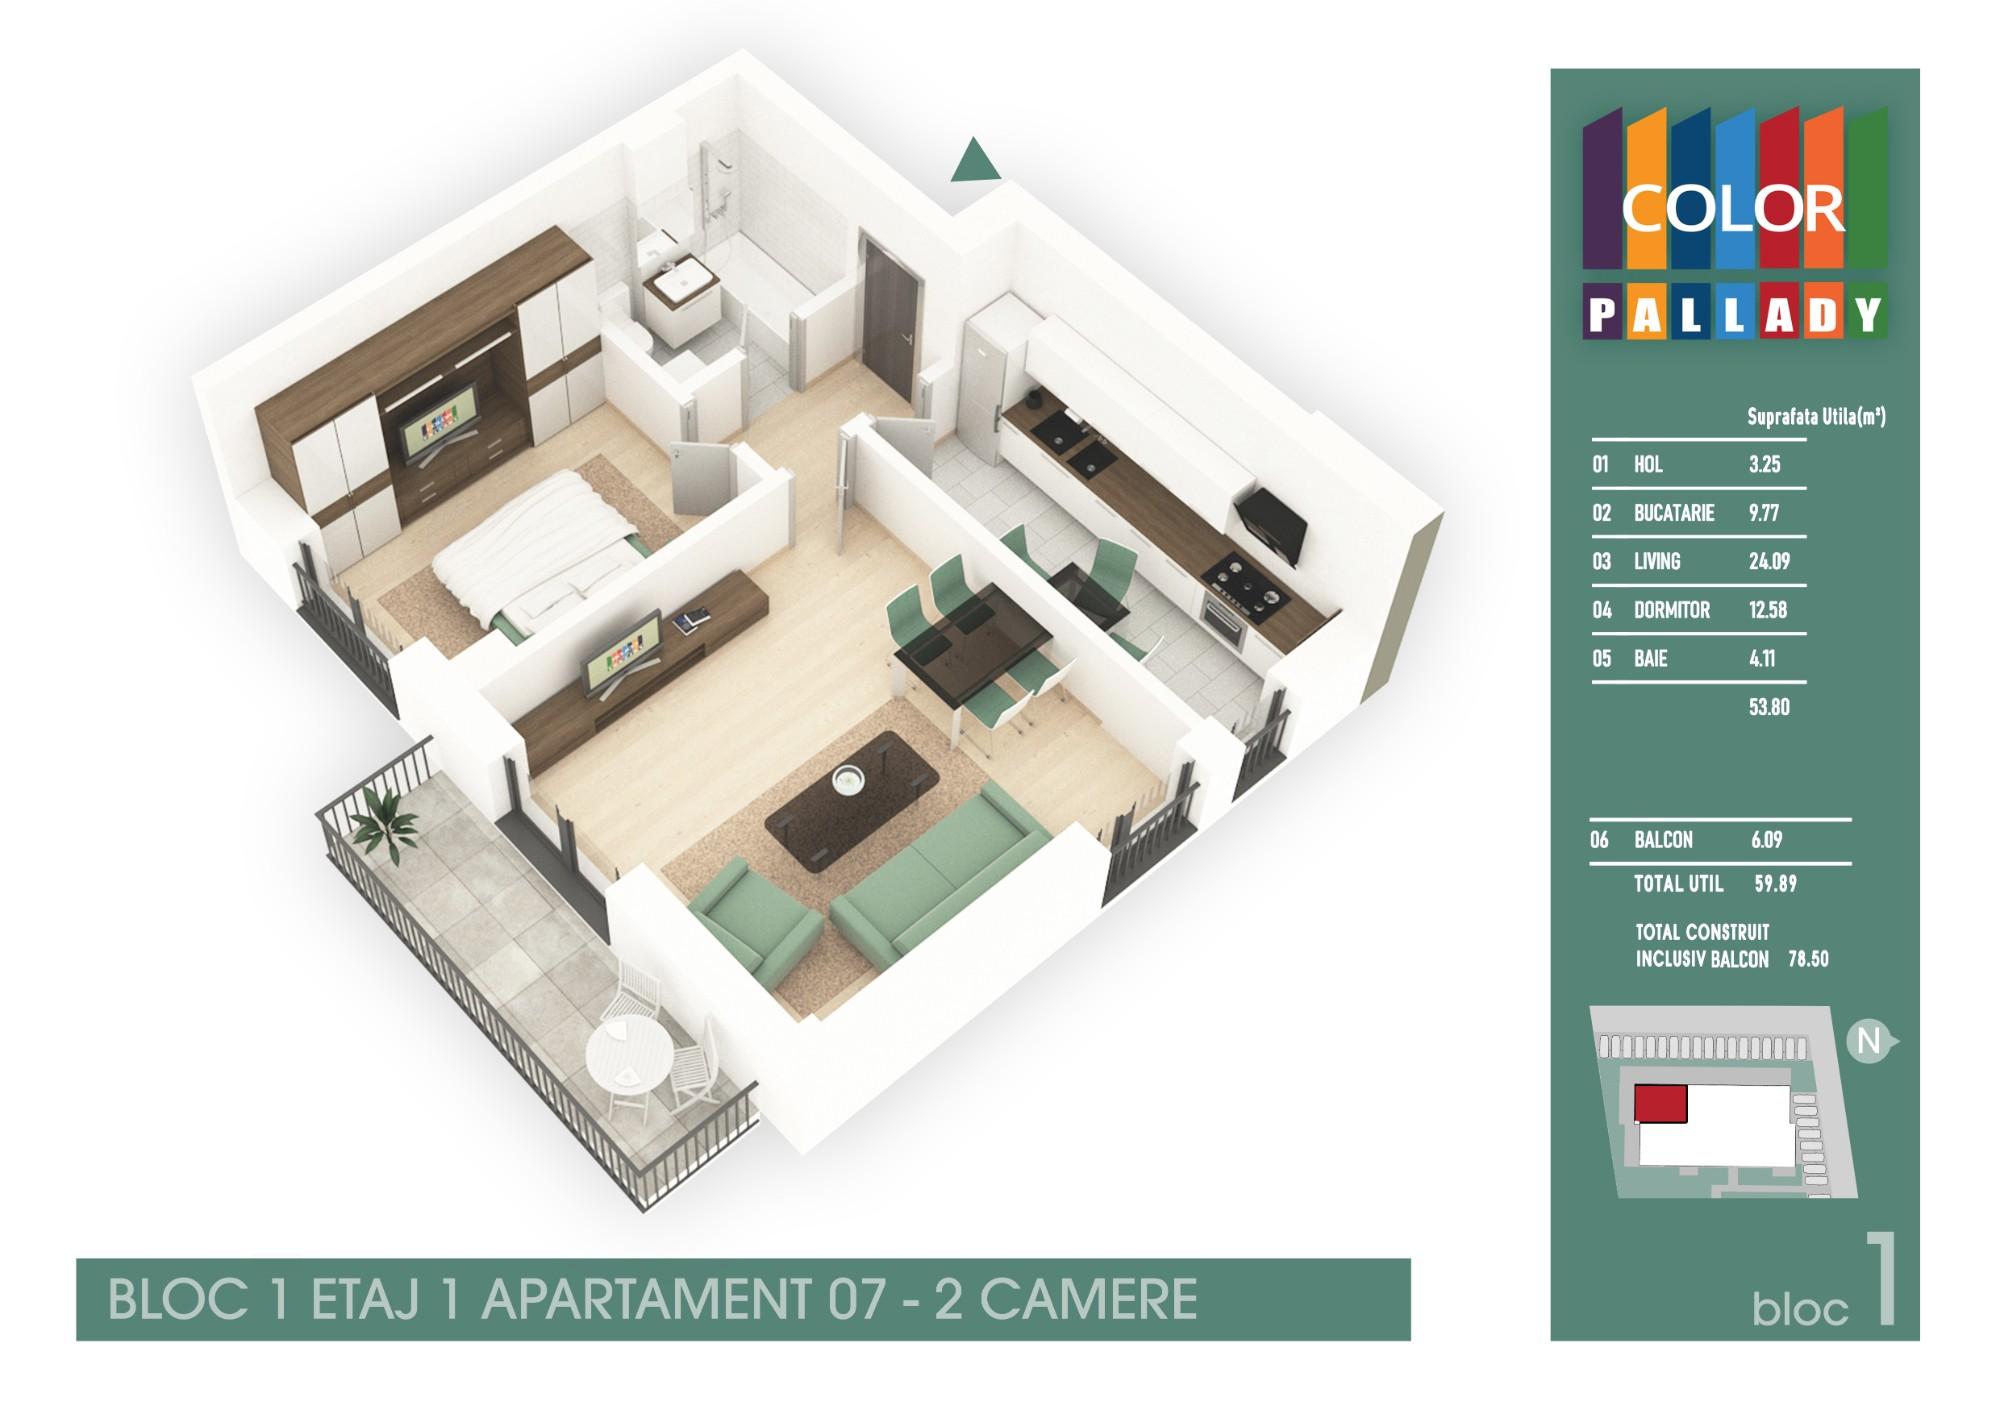 Bloc 1 - Etaj 1 - Apartament 07